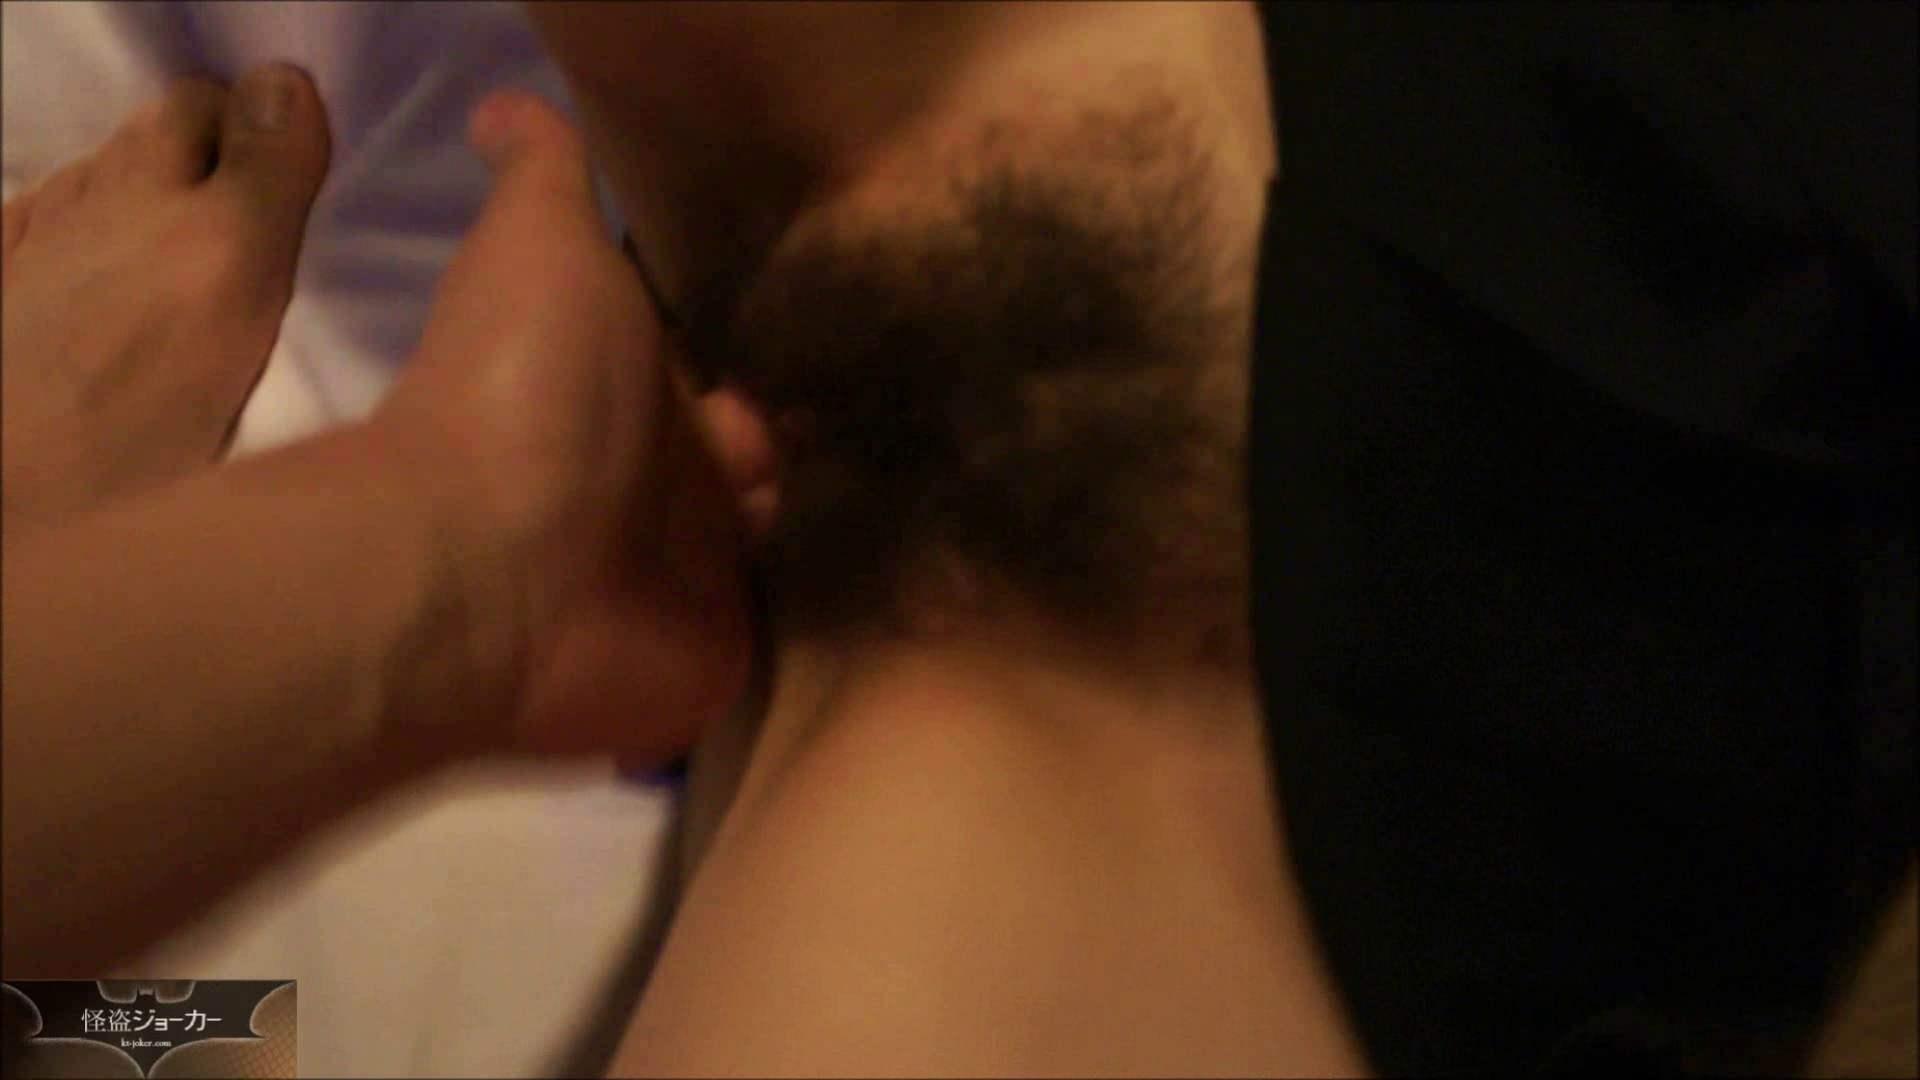 【未公開】vol.38 制月反コスの小春・・・幼顔に精液を垂らして。 ギャル攻め  93画像 70